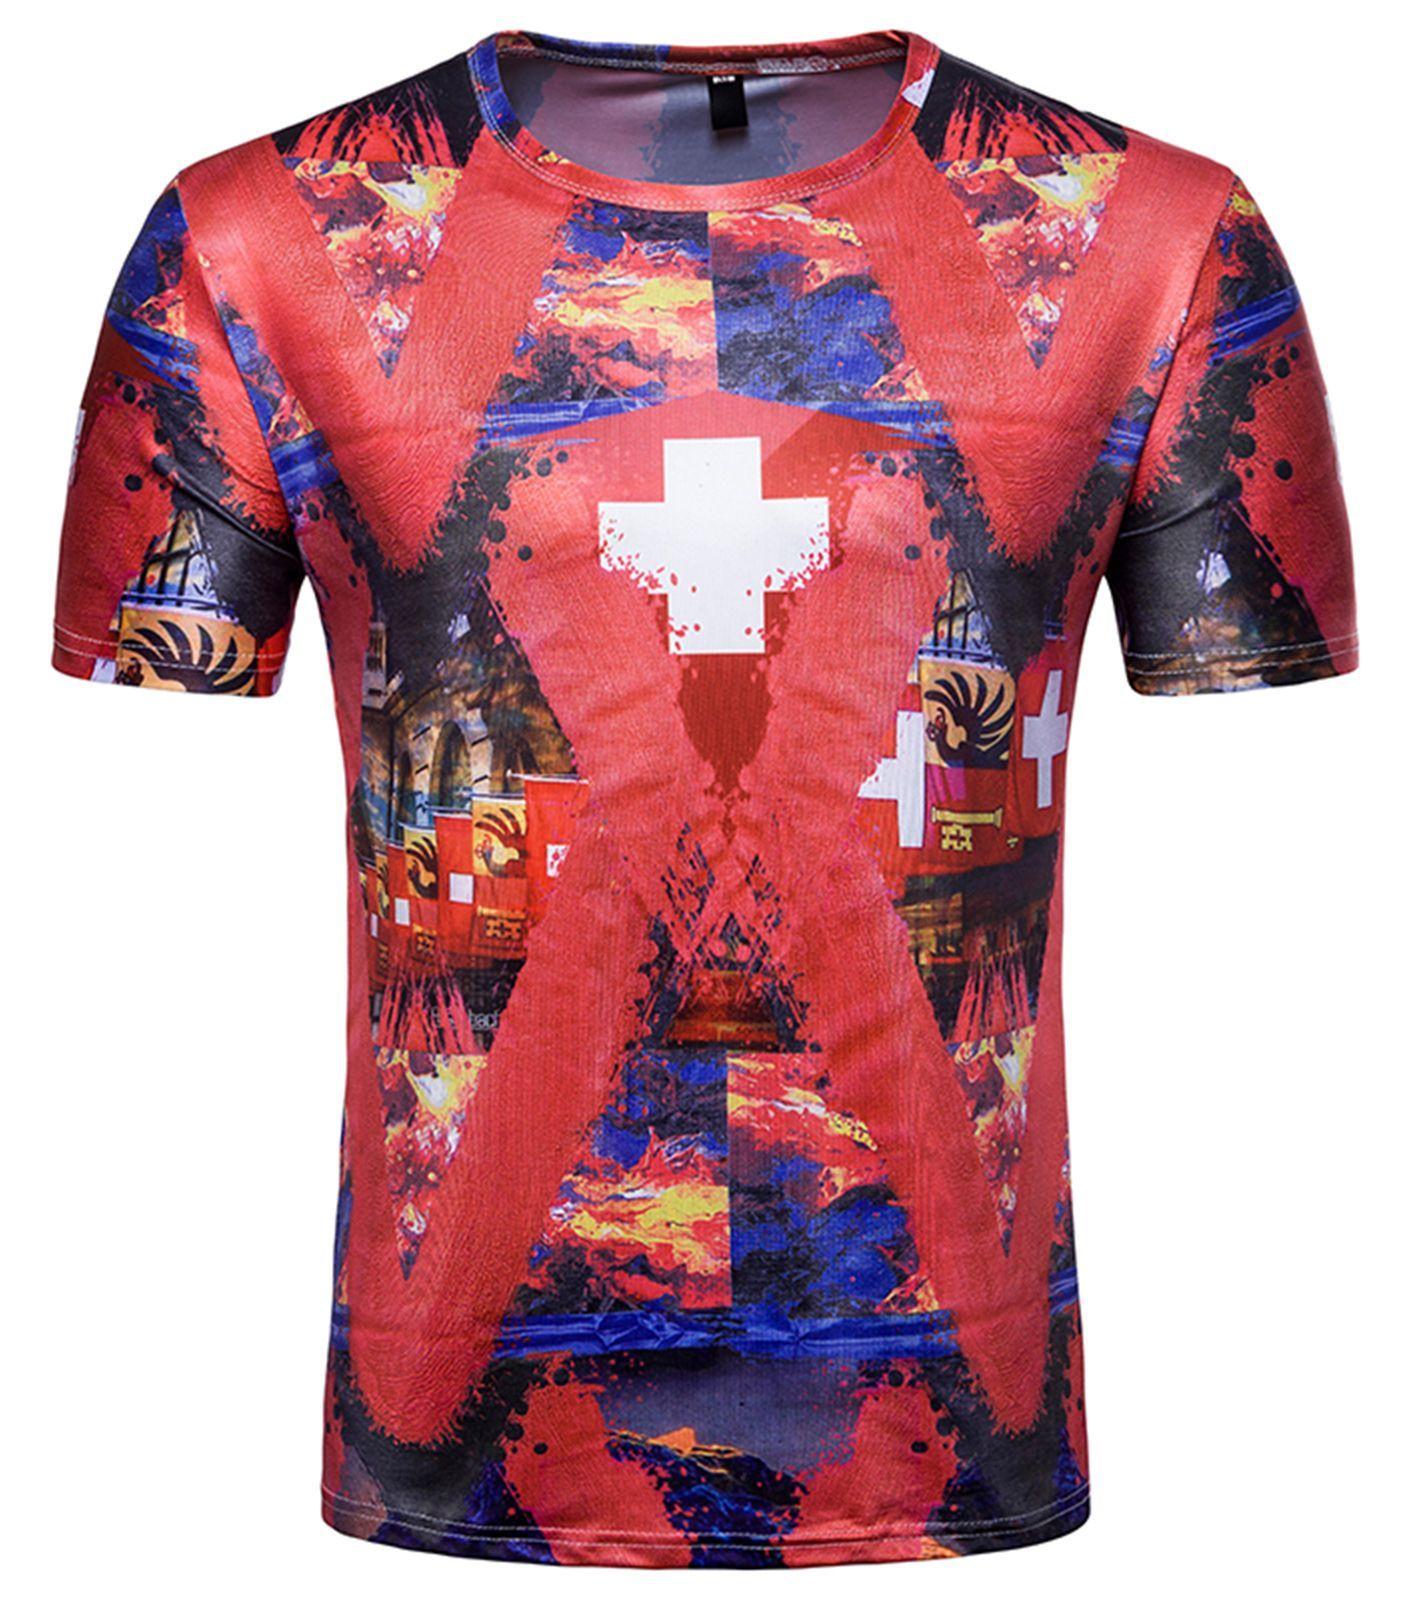 967b6a0392d Pizoff 2018 FIFA World Cup Hipster 3D Print T-Shirt BA0043-20  Mensoutfits